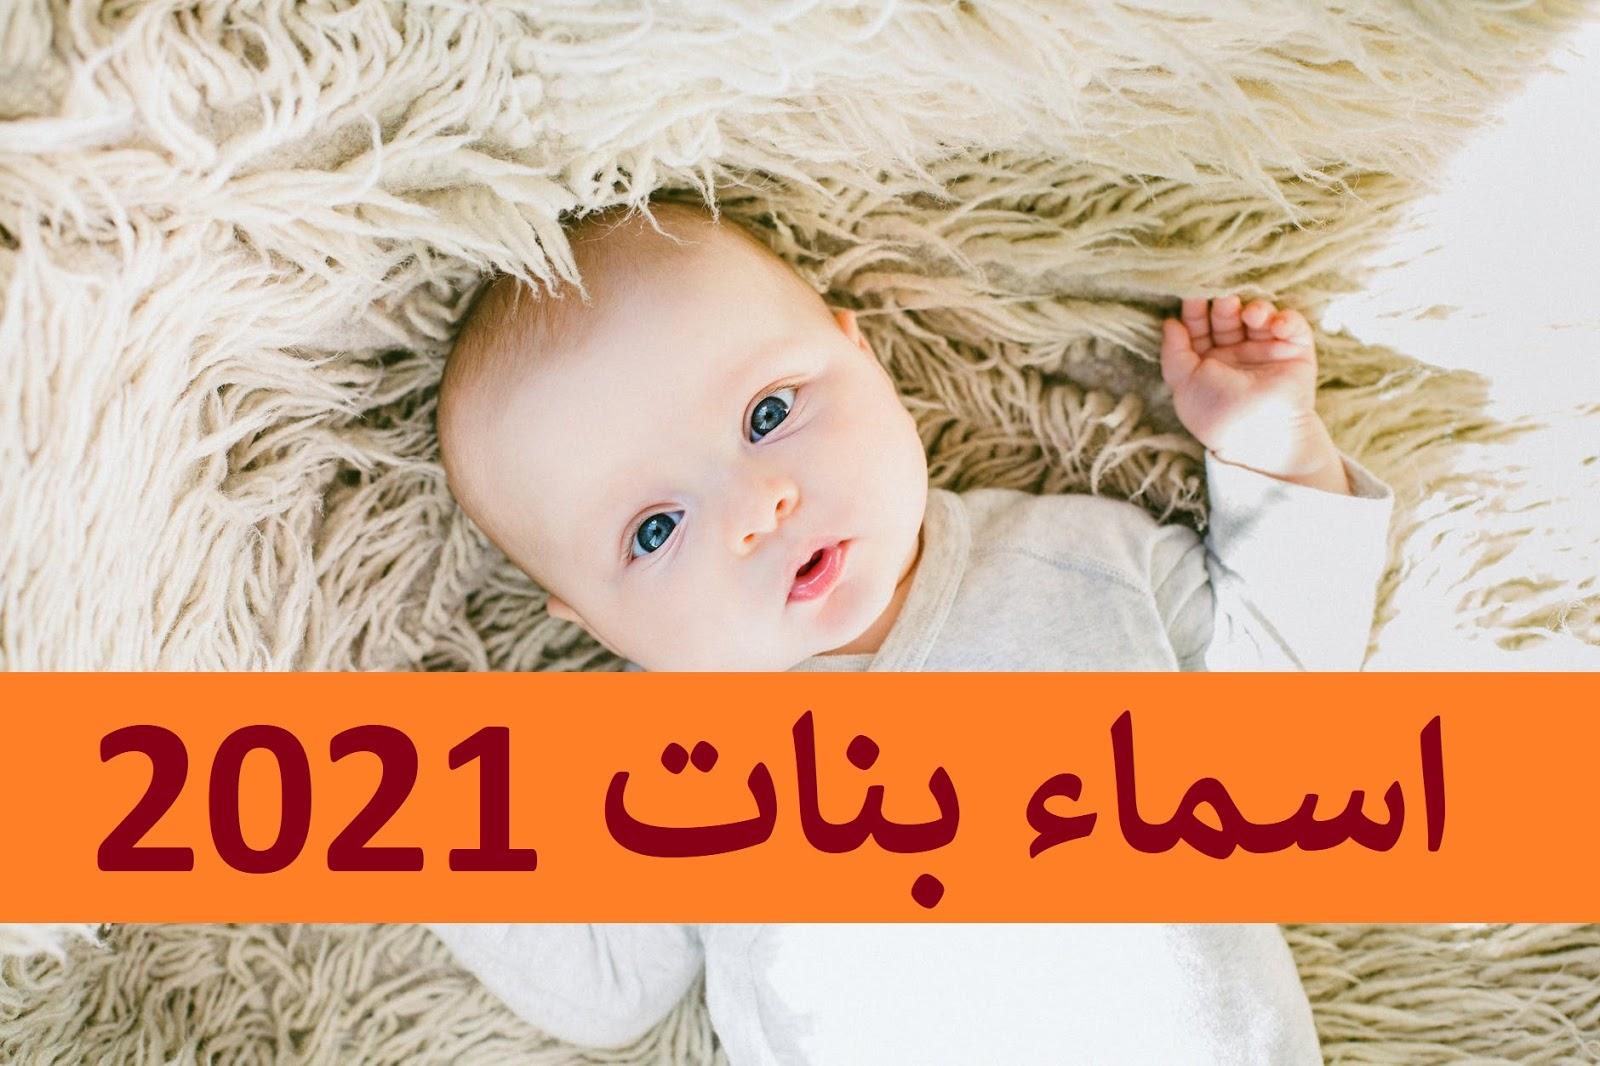 اسماء بنات جديدة 2021 ومعانيها الموقع المثالي